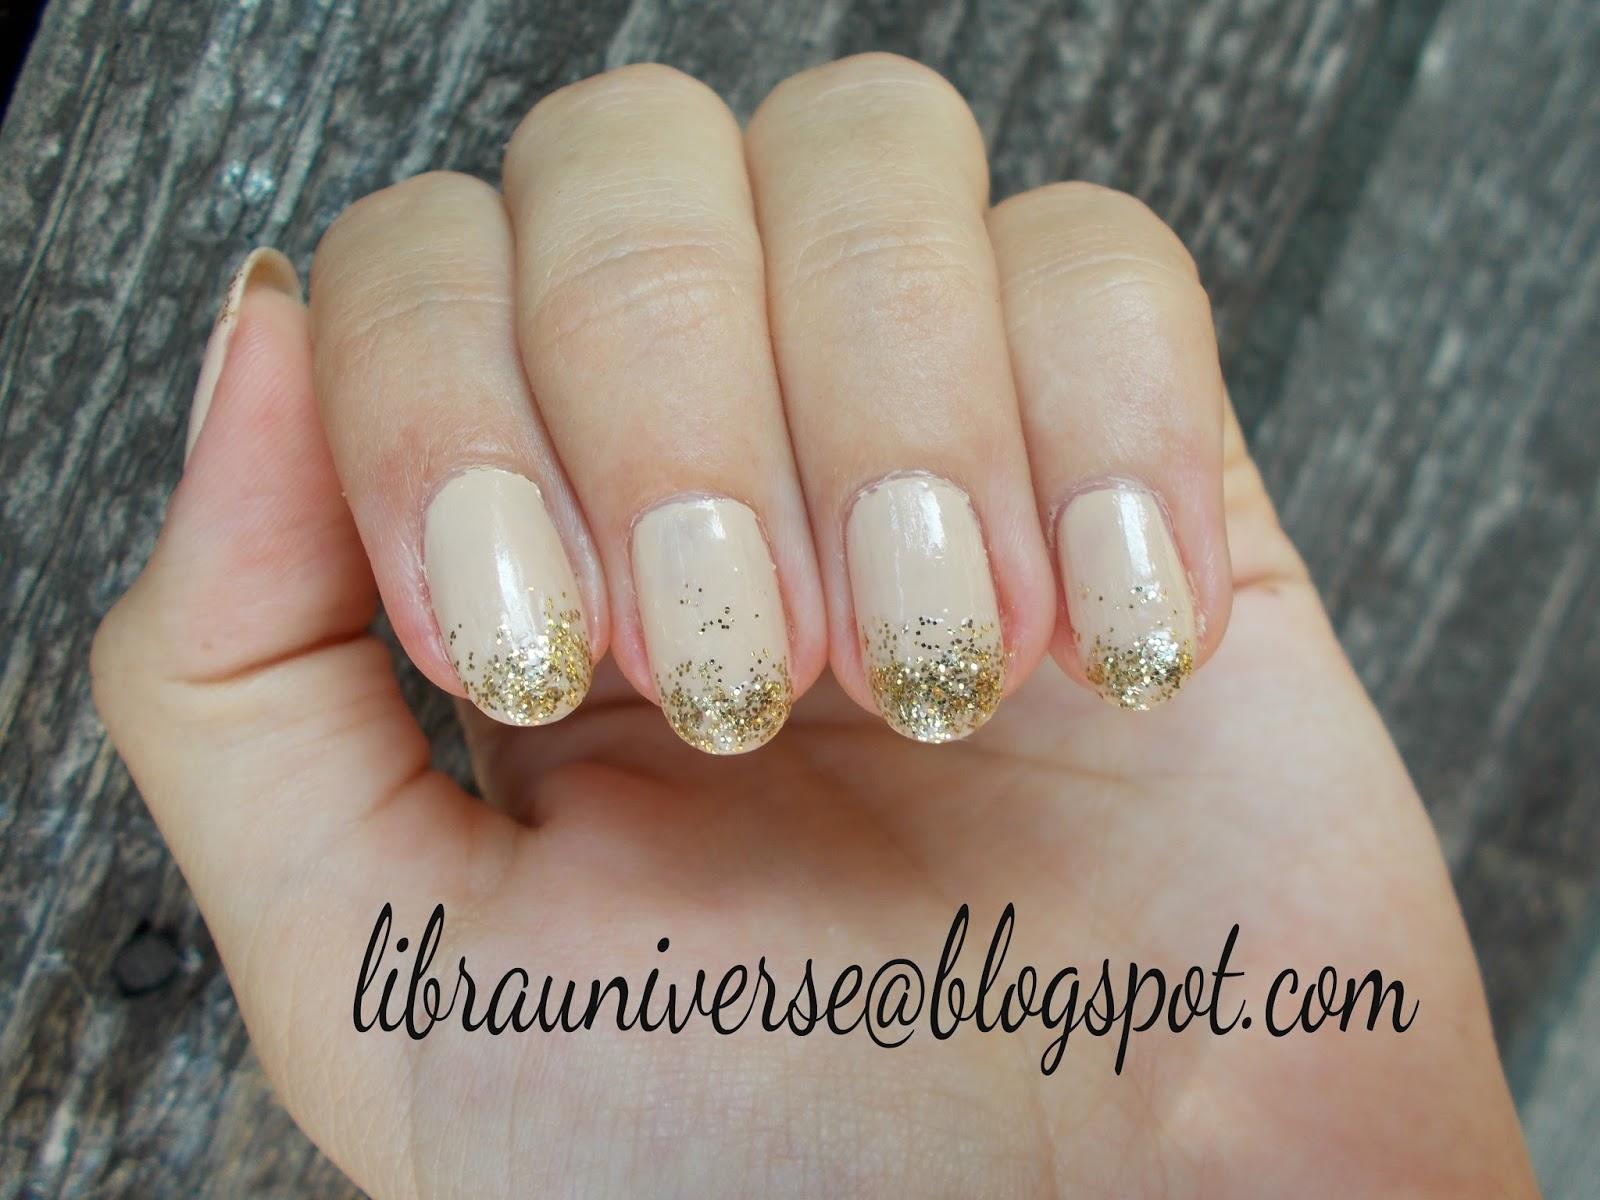 Almond Nail Designs Tumblr | Joy Studio Design Gallery ... Almond Nails Tumblr